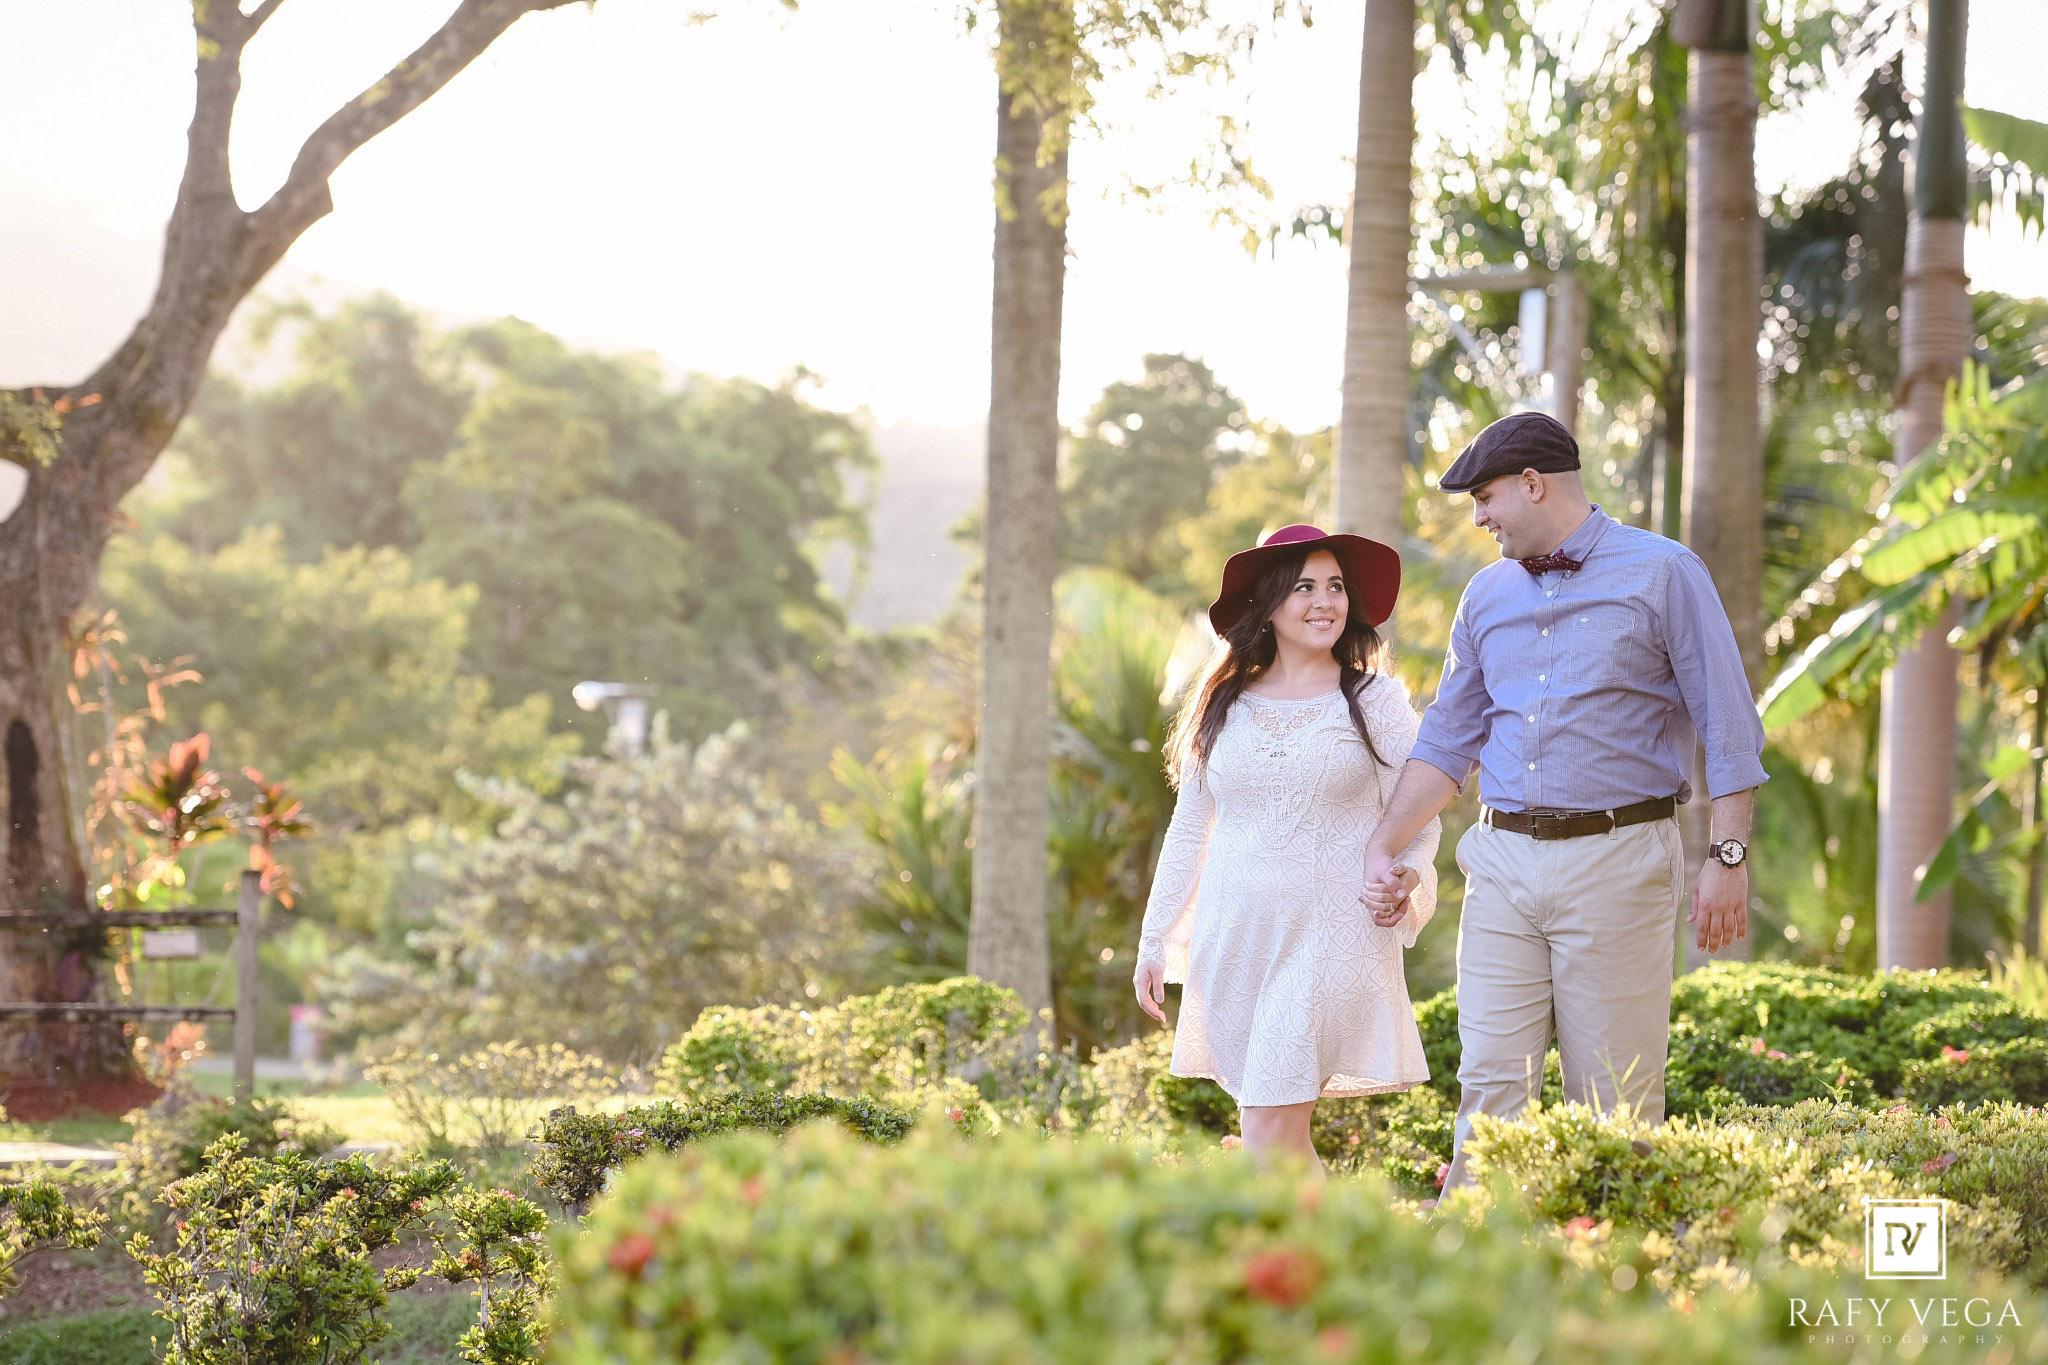 Love story en el jard n bot nico de caguas puerto rico for Bodas en el jardin botanico de caguas